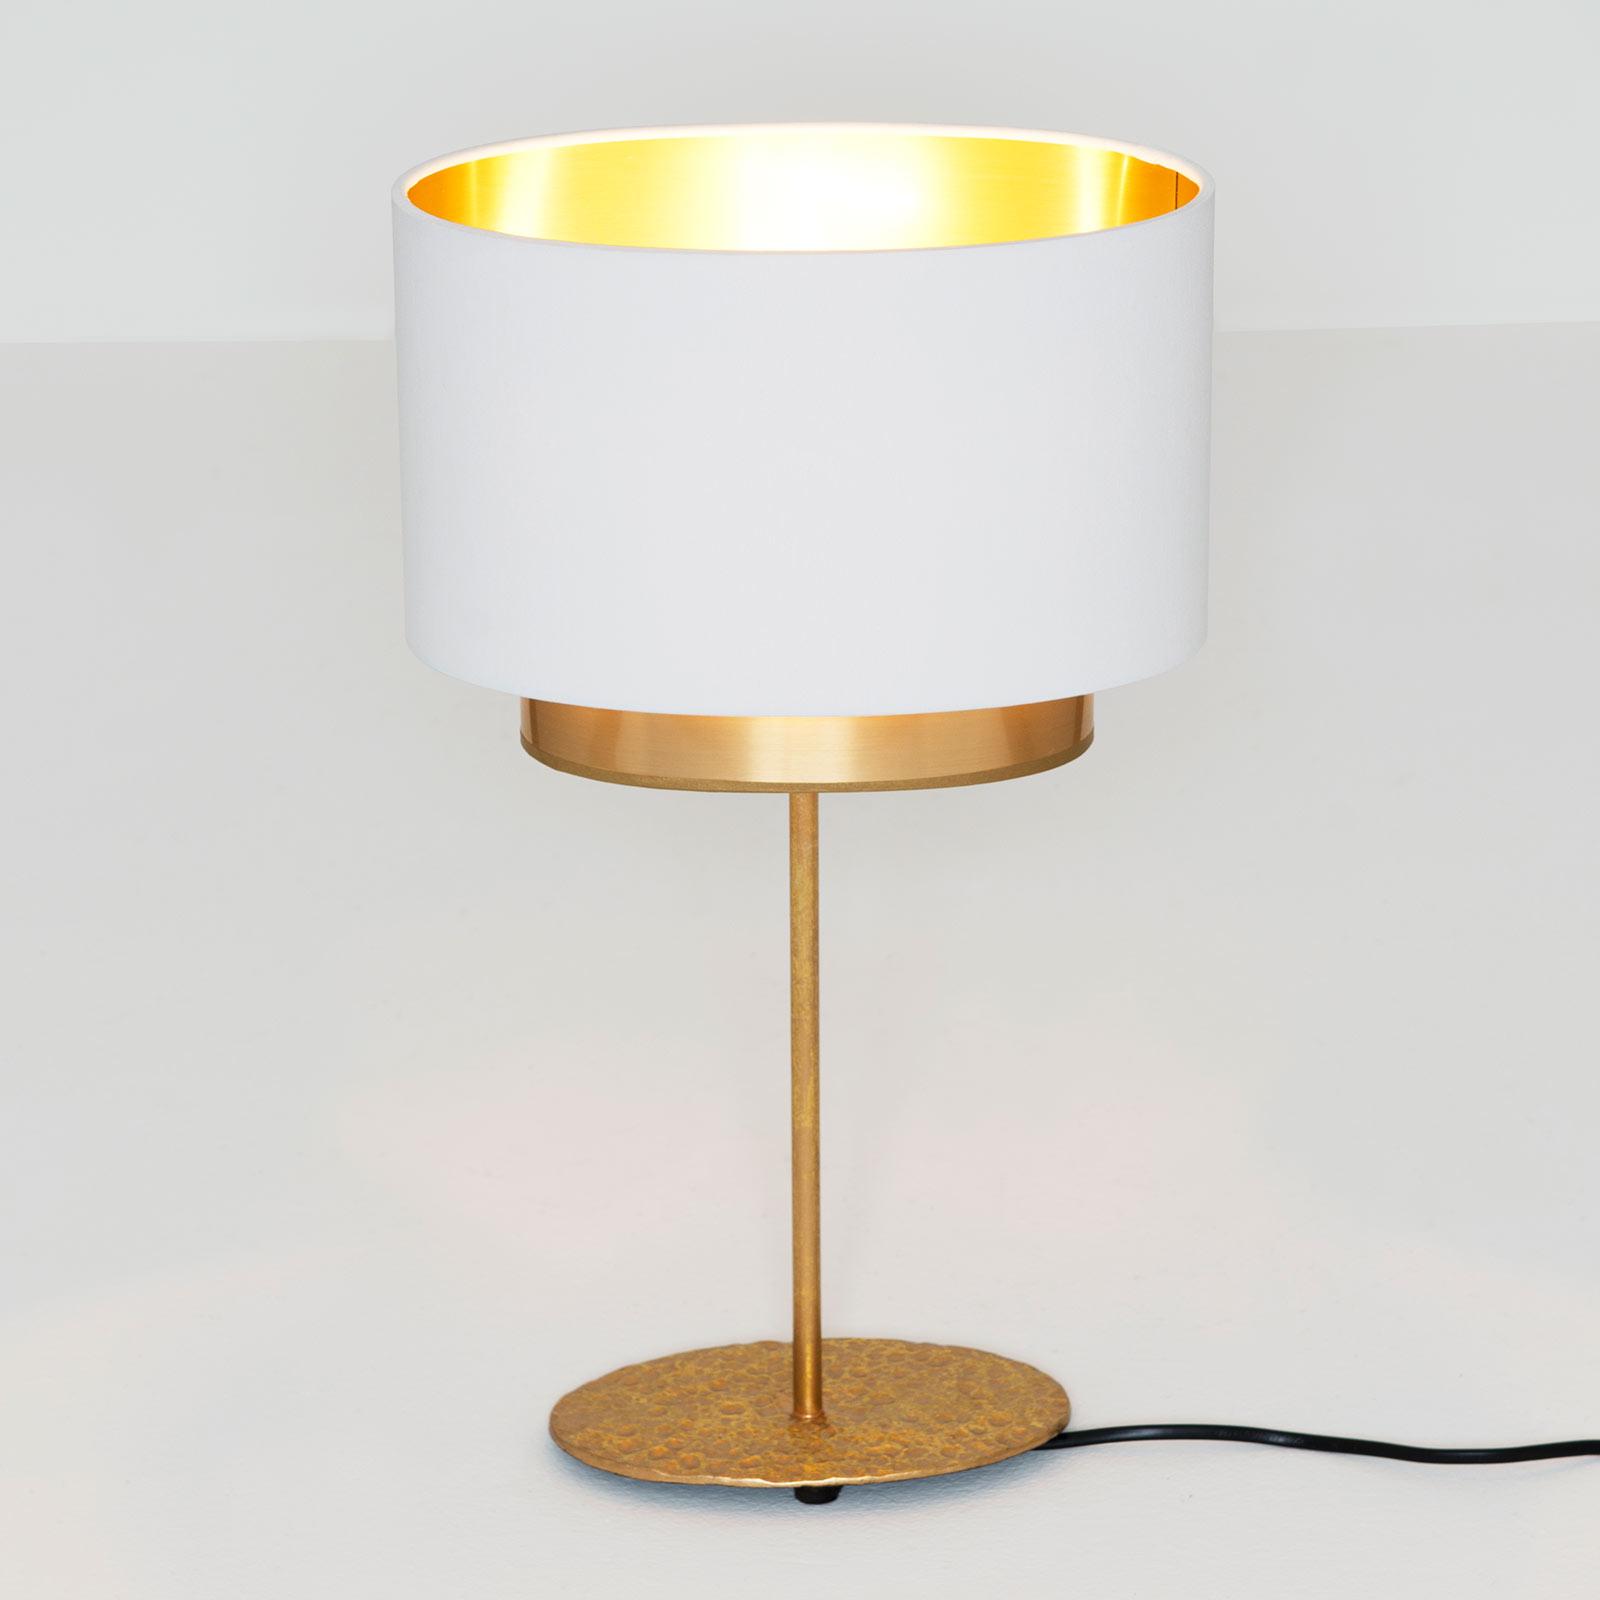 Tischleuchte Mattia, oval, doppelt, weiß/gold